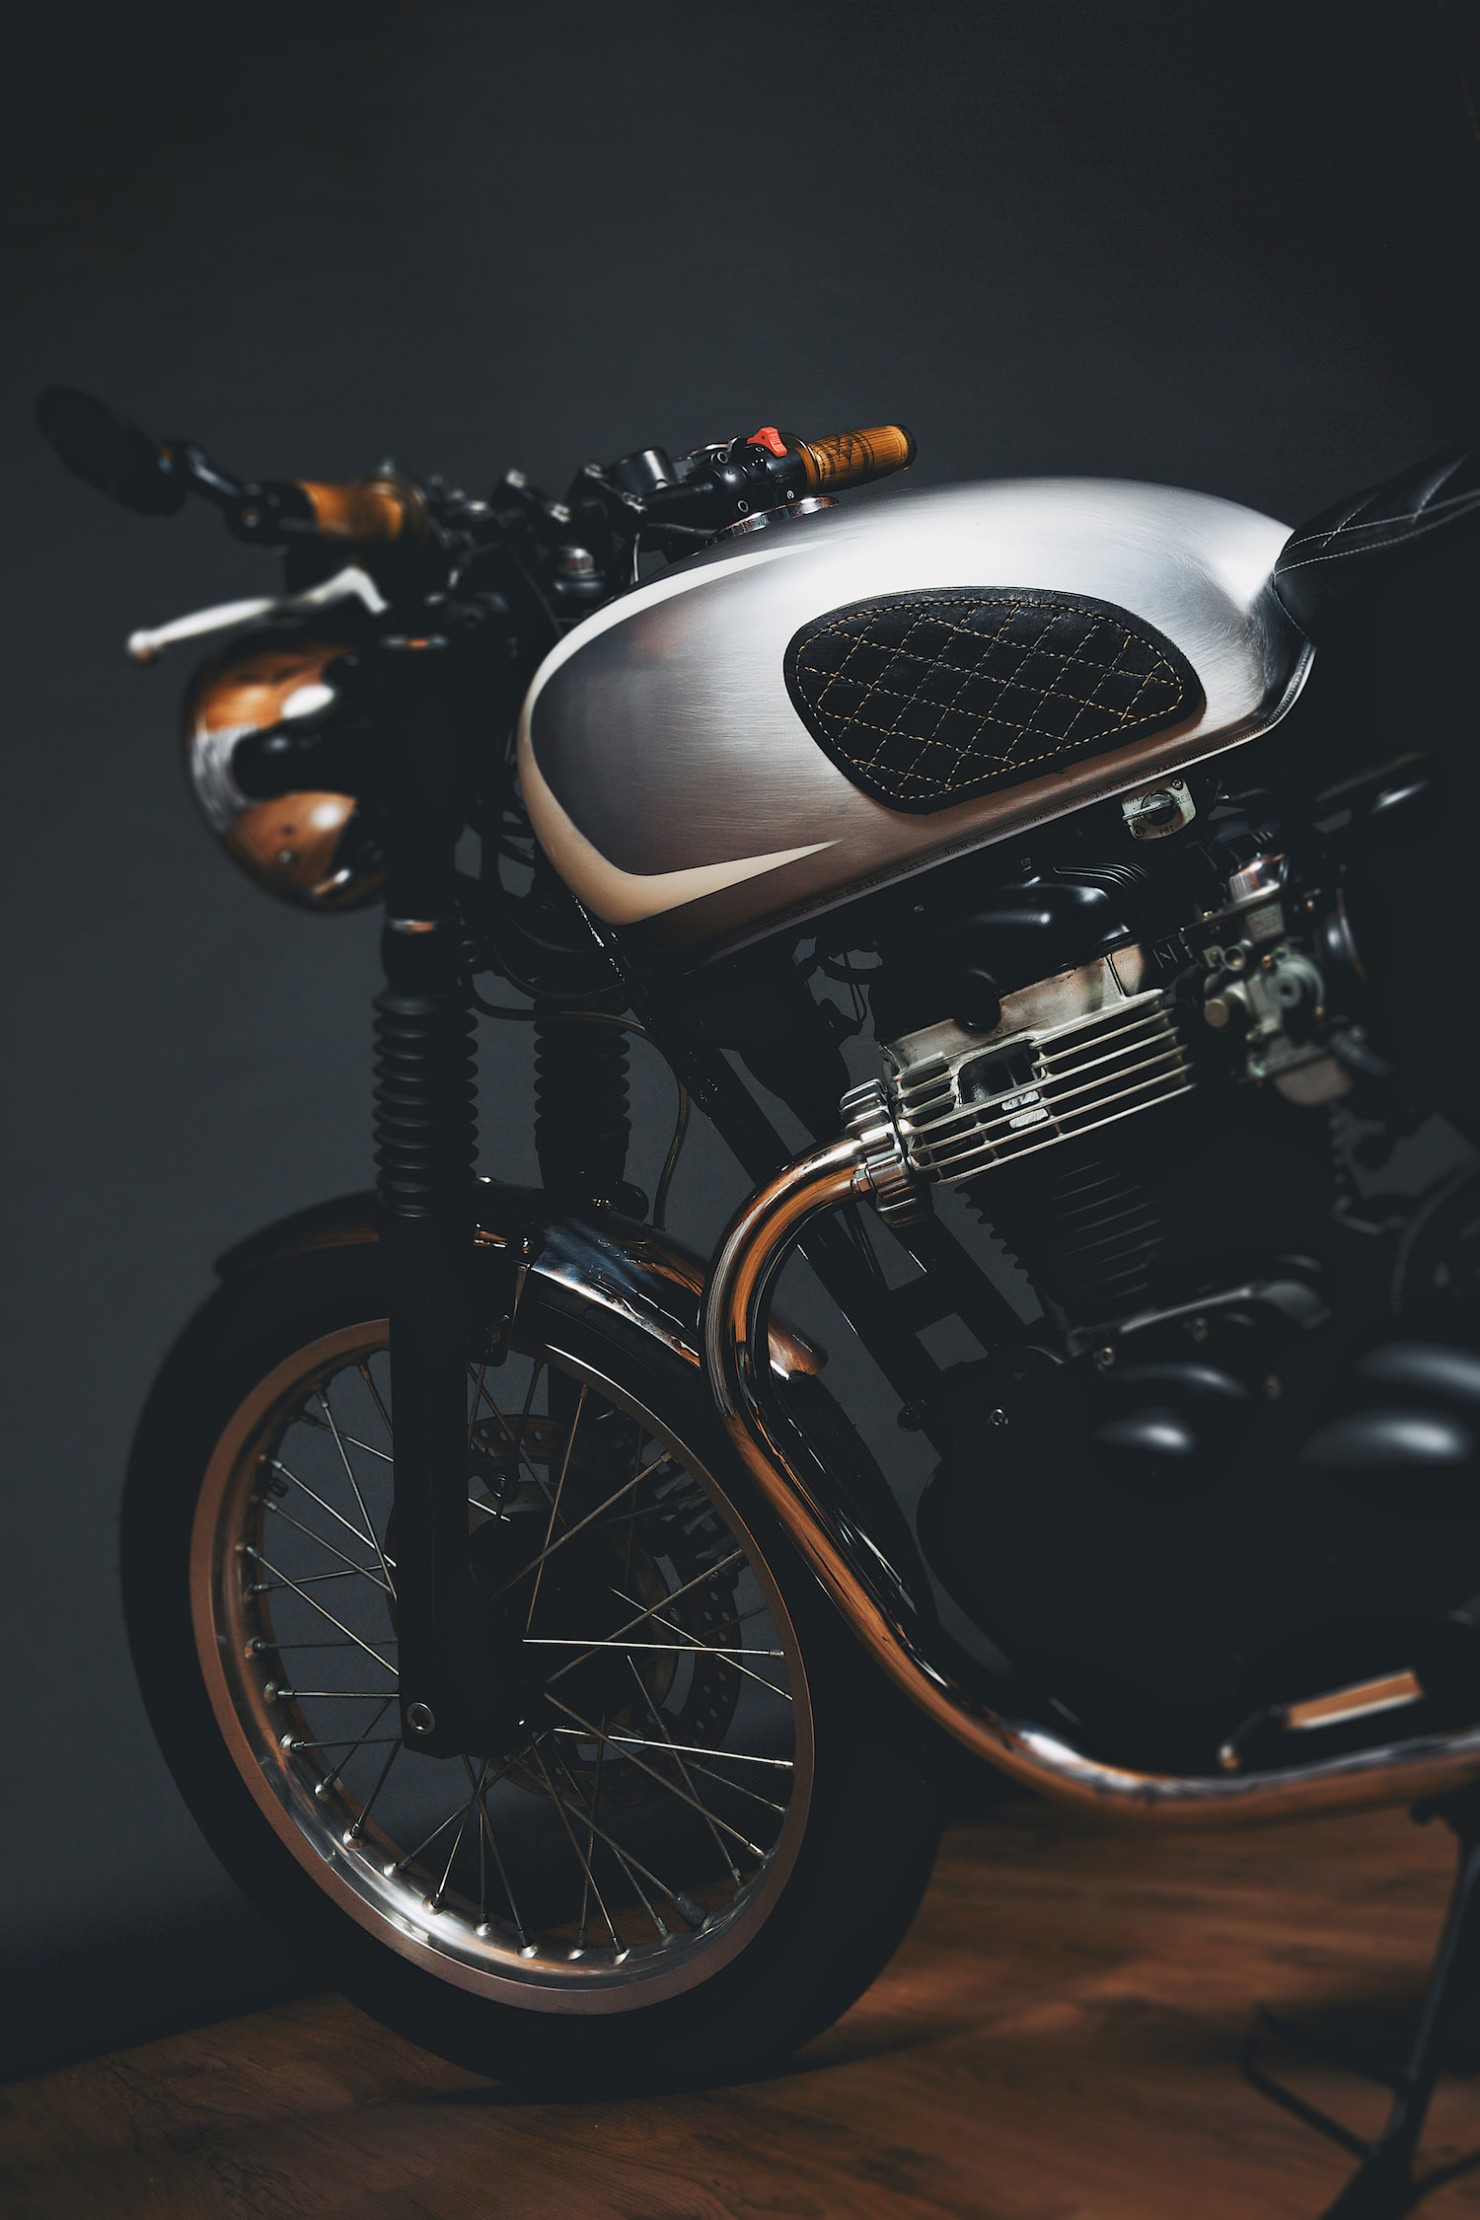 Kawasaki_W650_Motorcycle_2